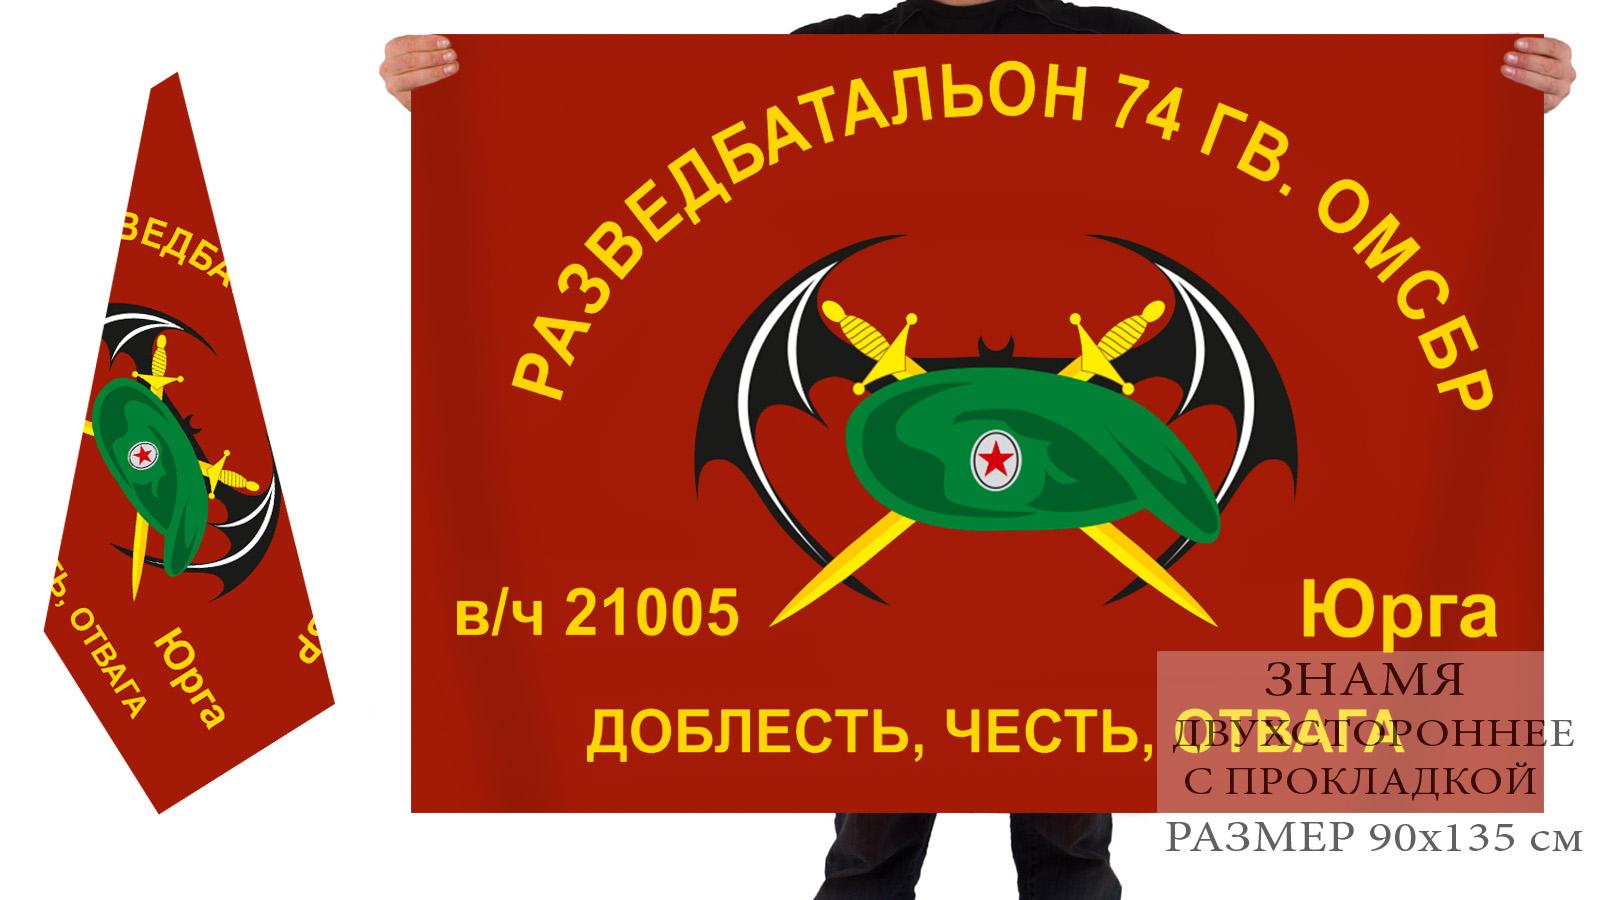 Двусторонний флаг Разведбата 74 Гв. ОМСБр